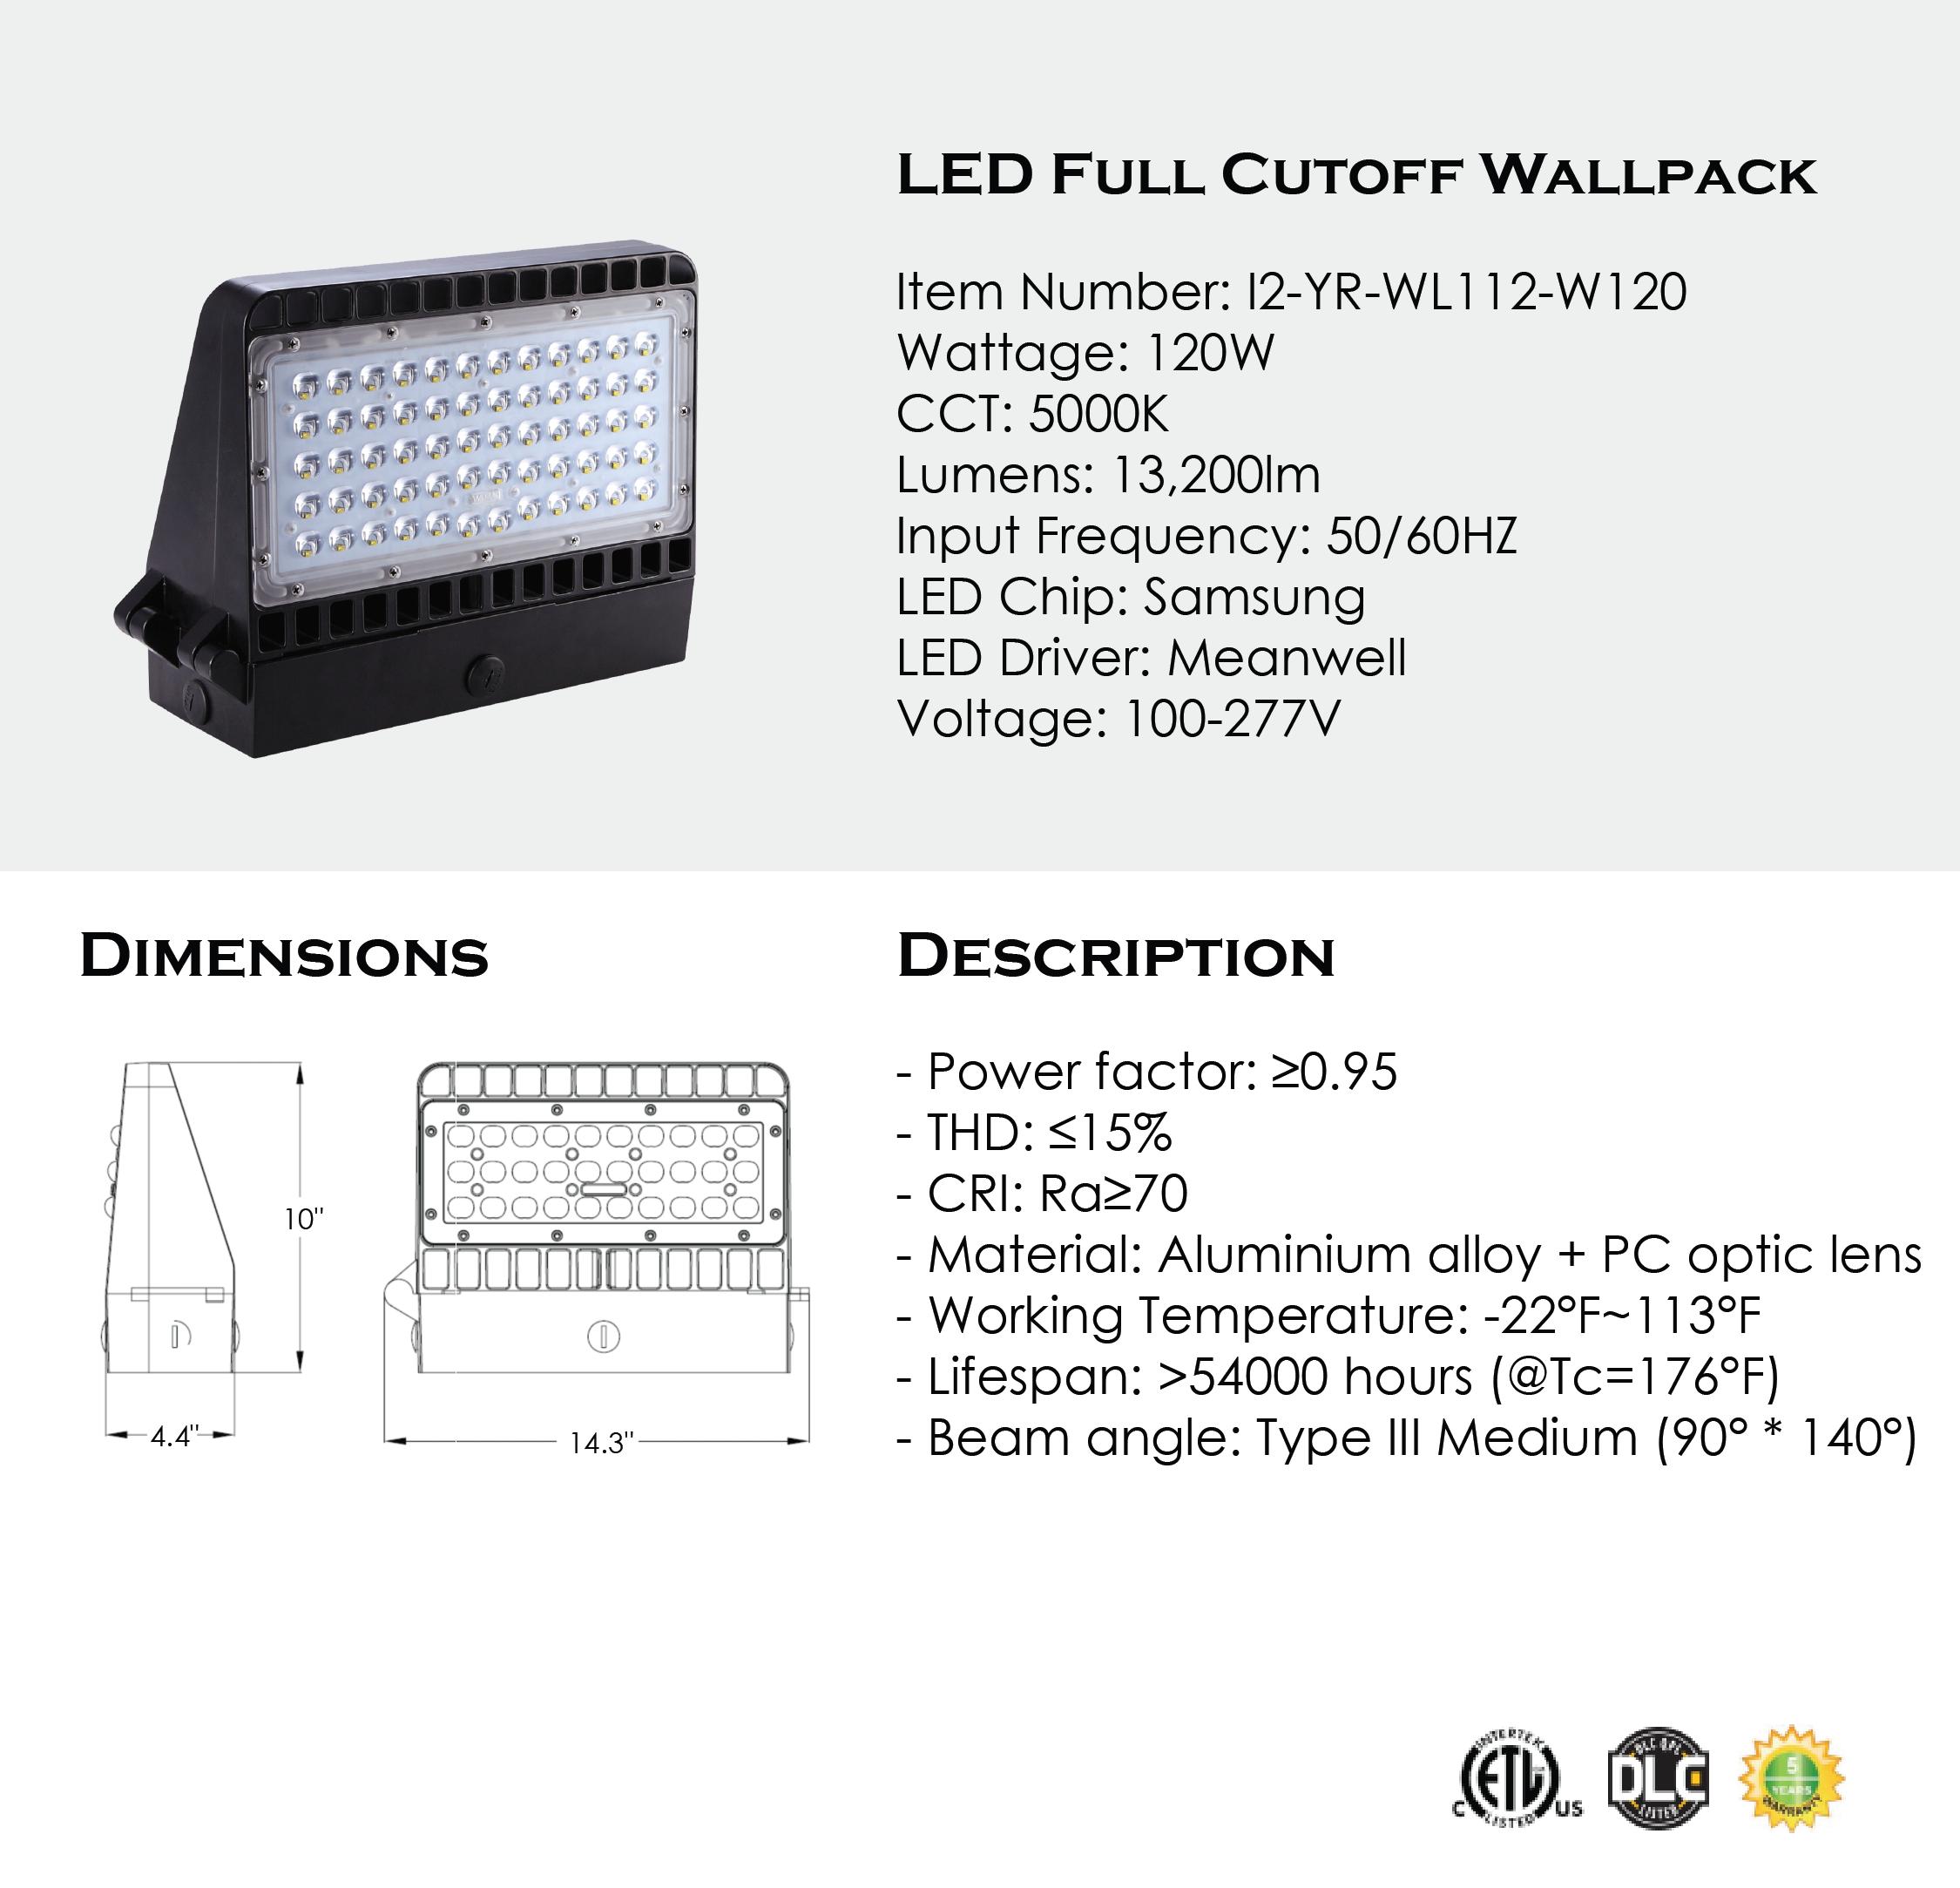 led-full-cutoff-wallpack.png